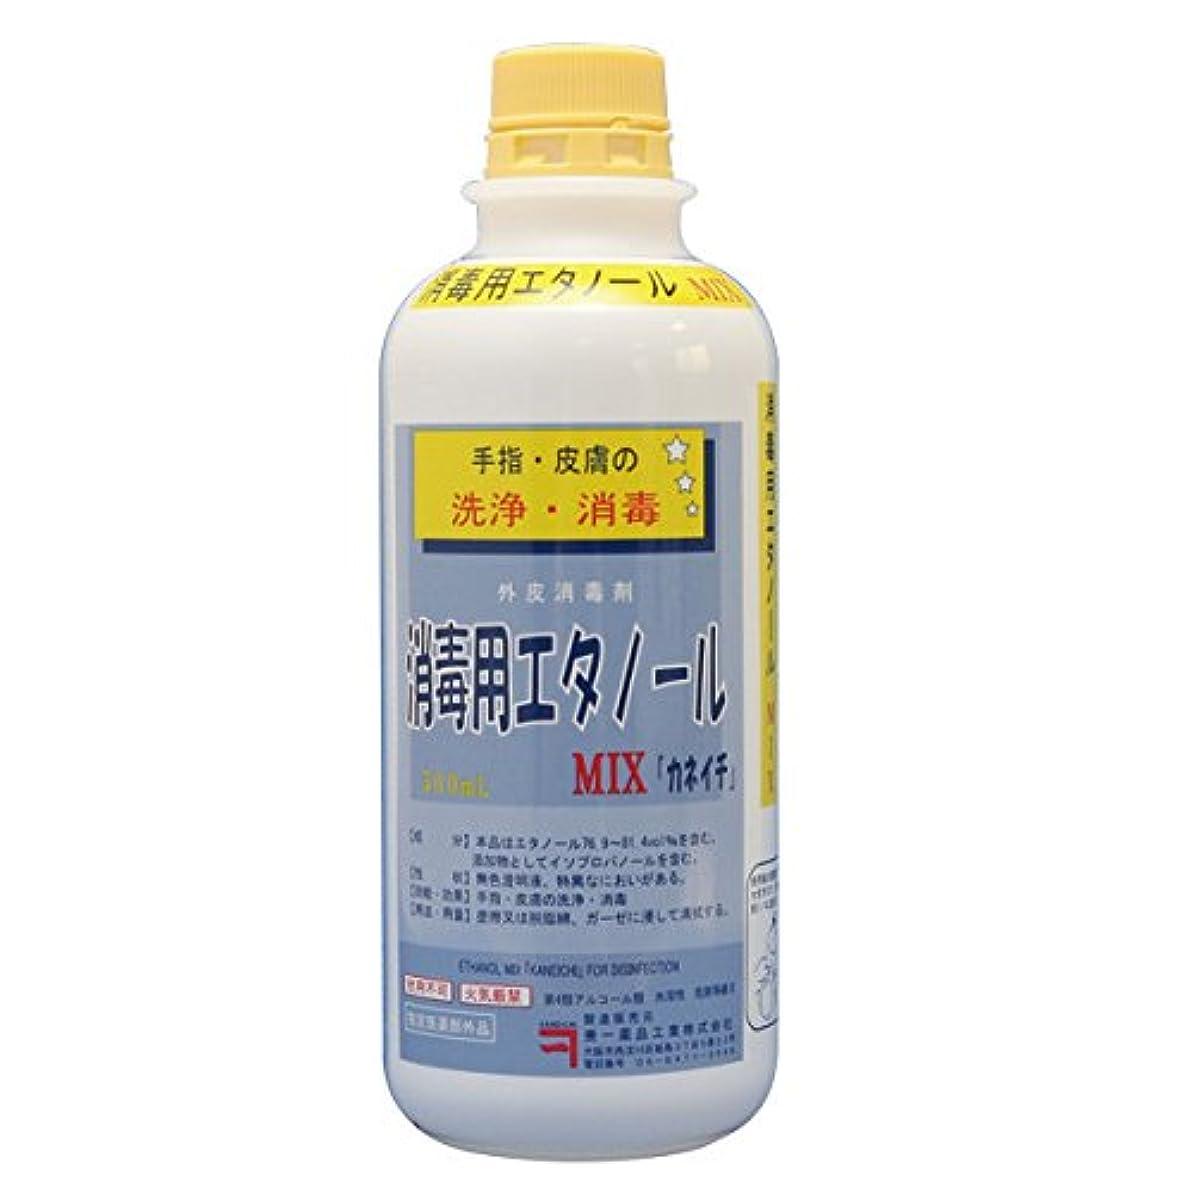 矢じり雲孤独な消毒用エタノール MIX500ml [指定医薬部外品]